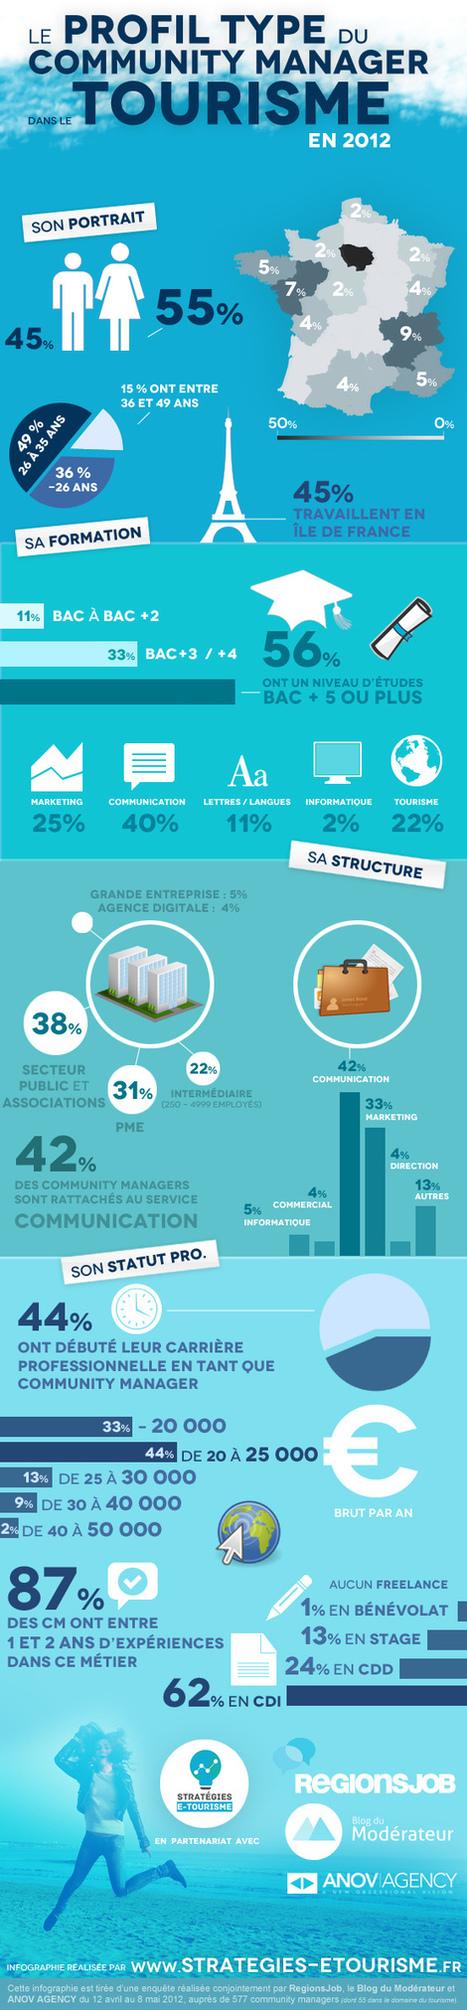 le Profil type du Community Manager dans le tourisme | Hospitality and tourism industry | Scoop.it